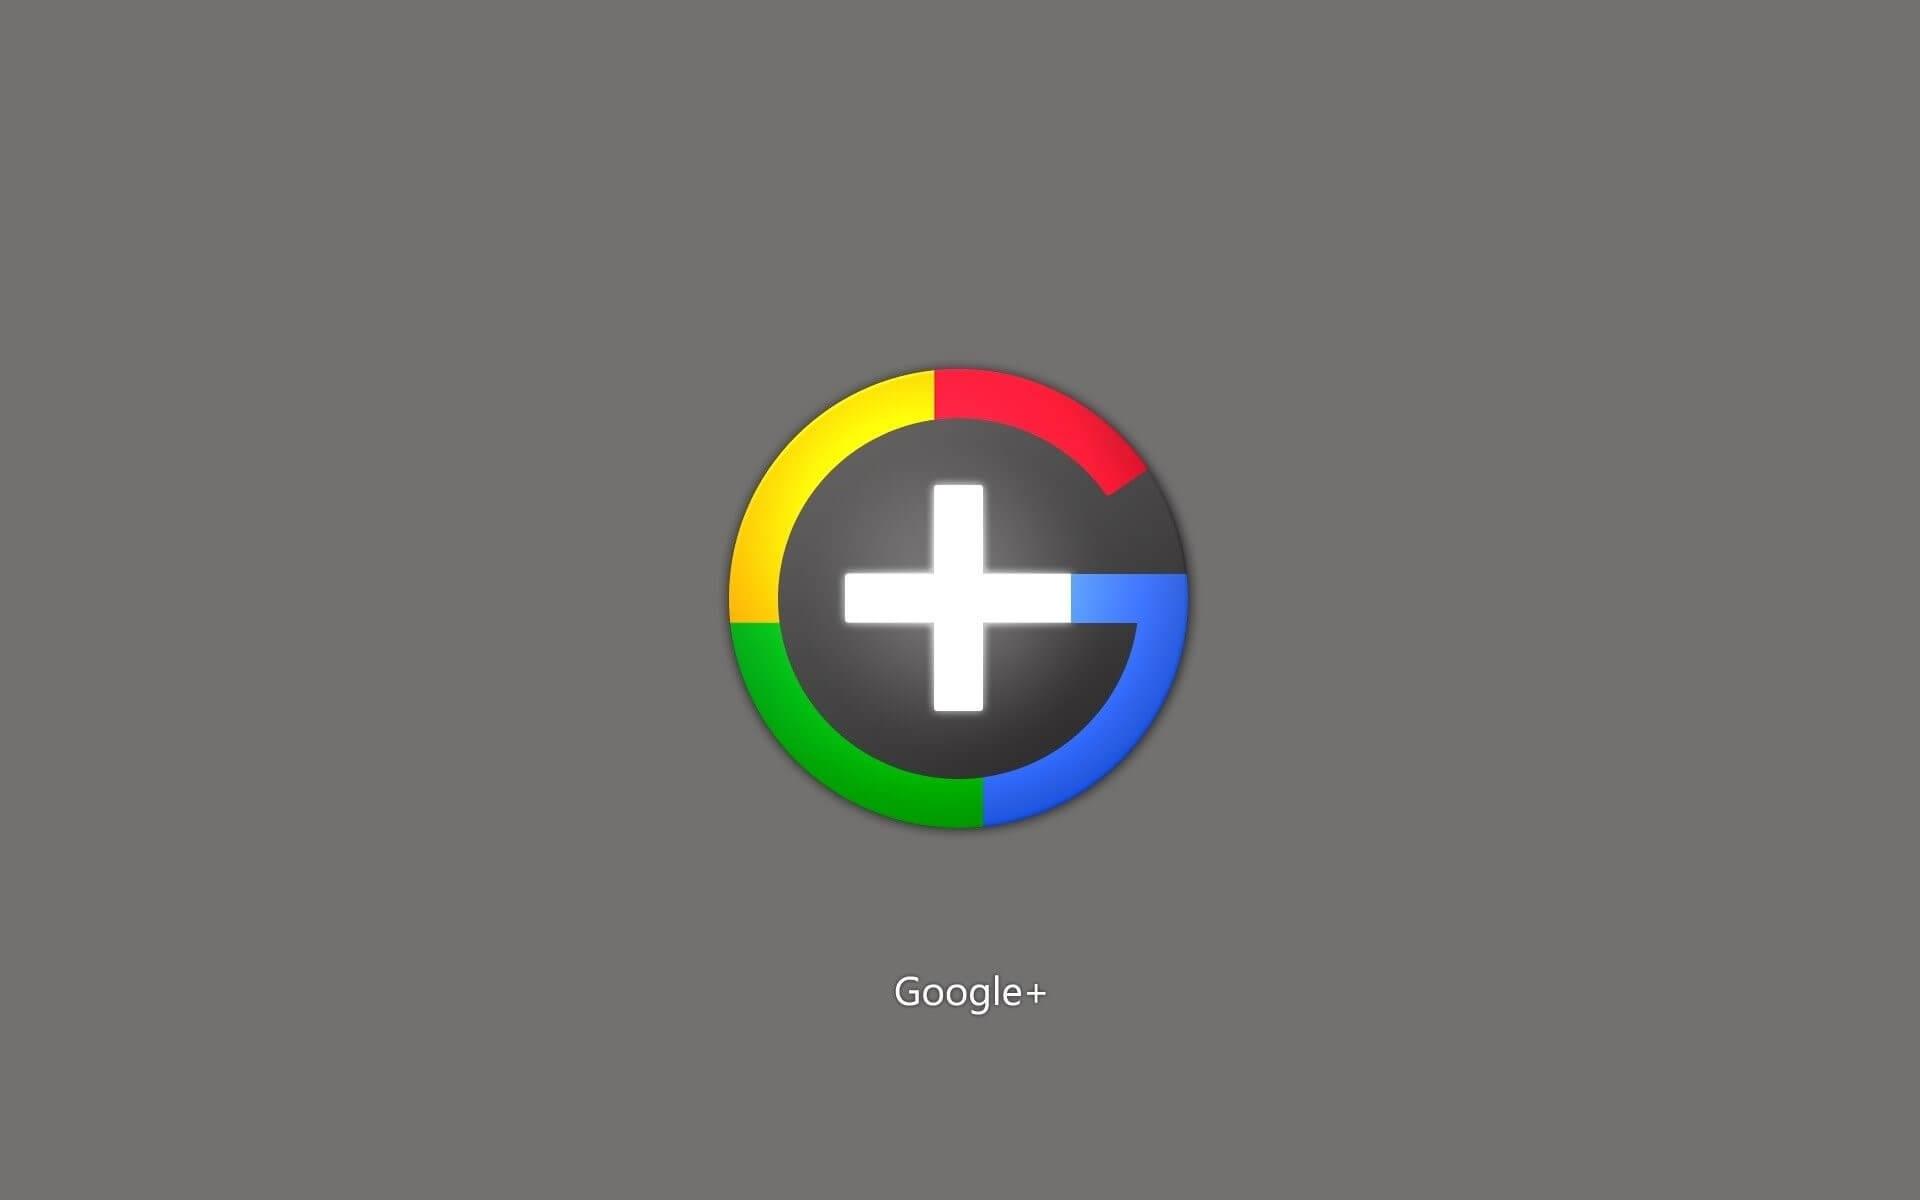 hình nền logo của công cụ tìm kiếm Google số 4